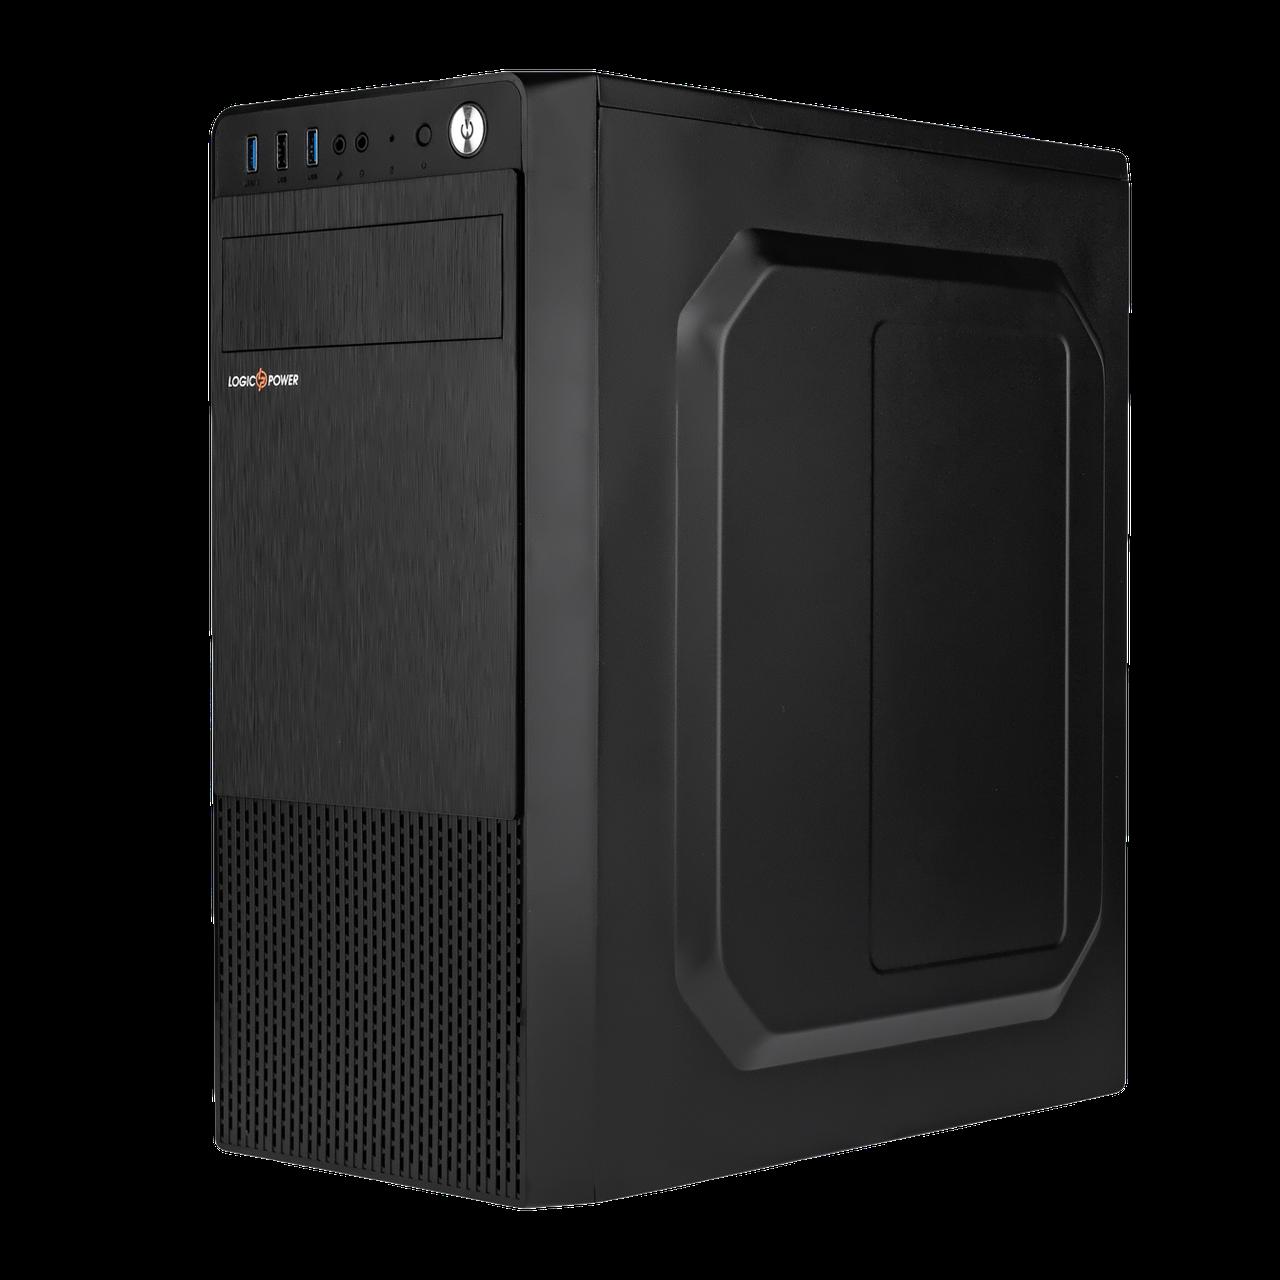 Корпус LP 2009-450W 8см black case chassis cover с 1xUSB2.0 и 2xUSB3.0